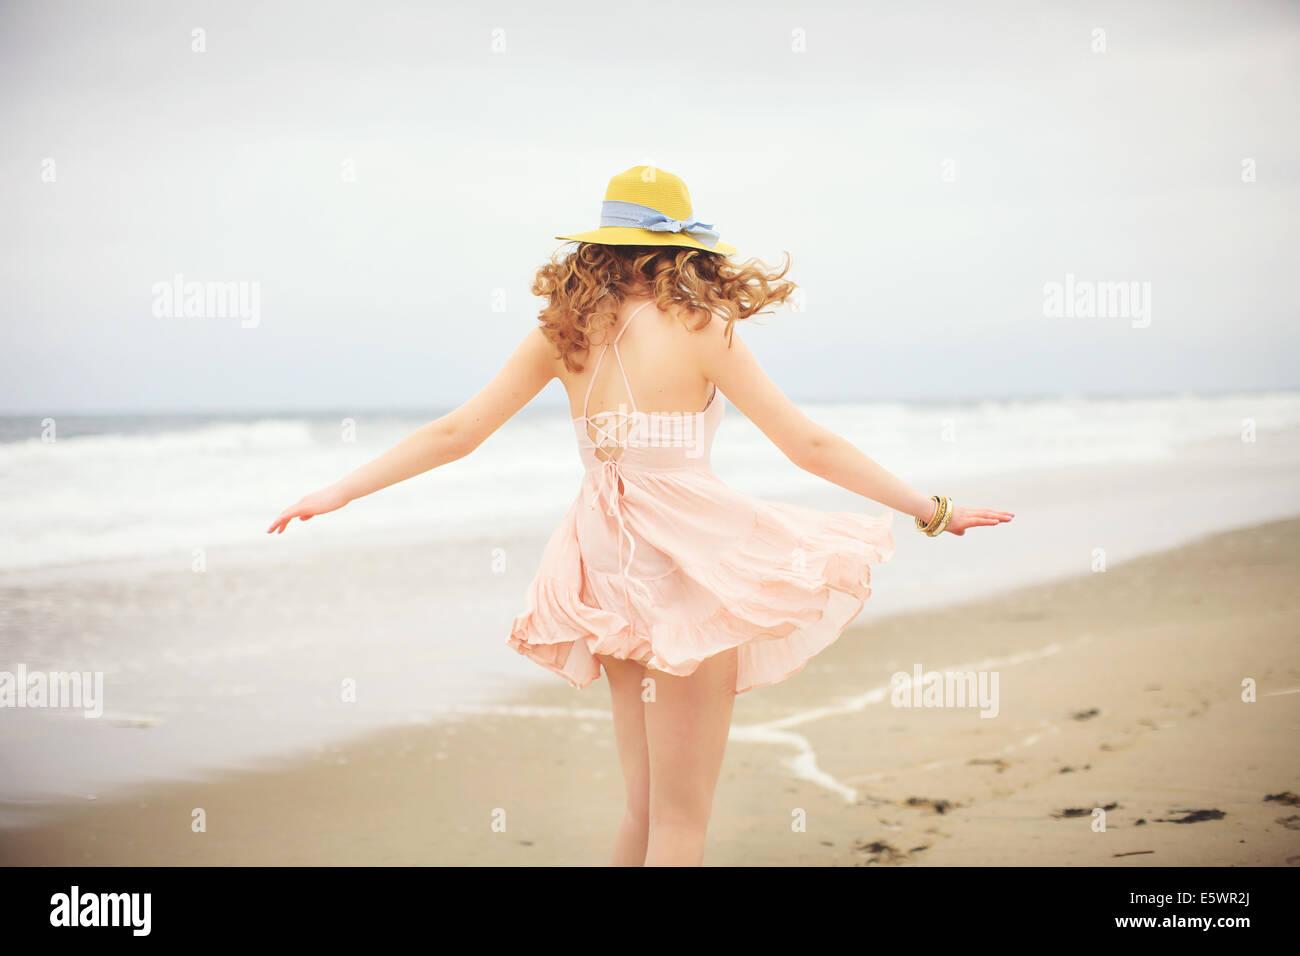 Rückansicht des Teenager-Mädchen spazieren am Strand, Hampton, New Hampshire, USA Stockbild